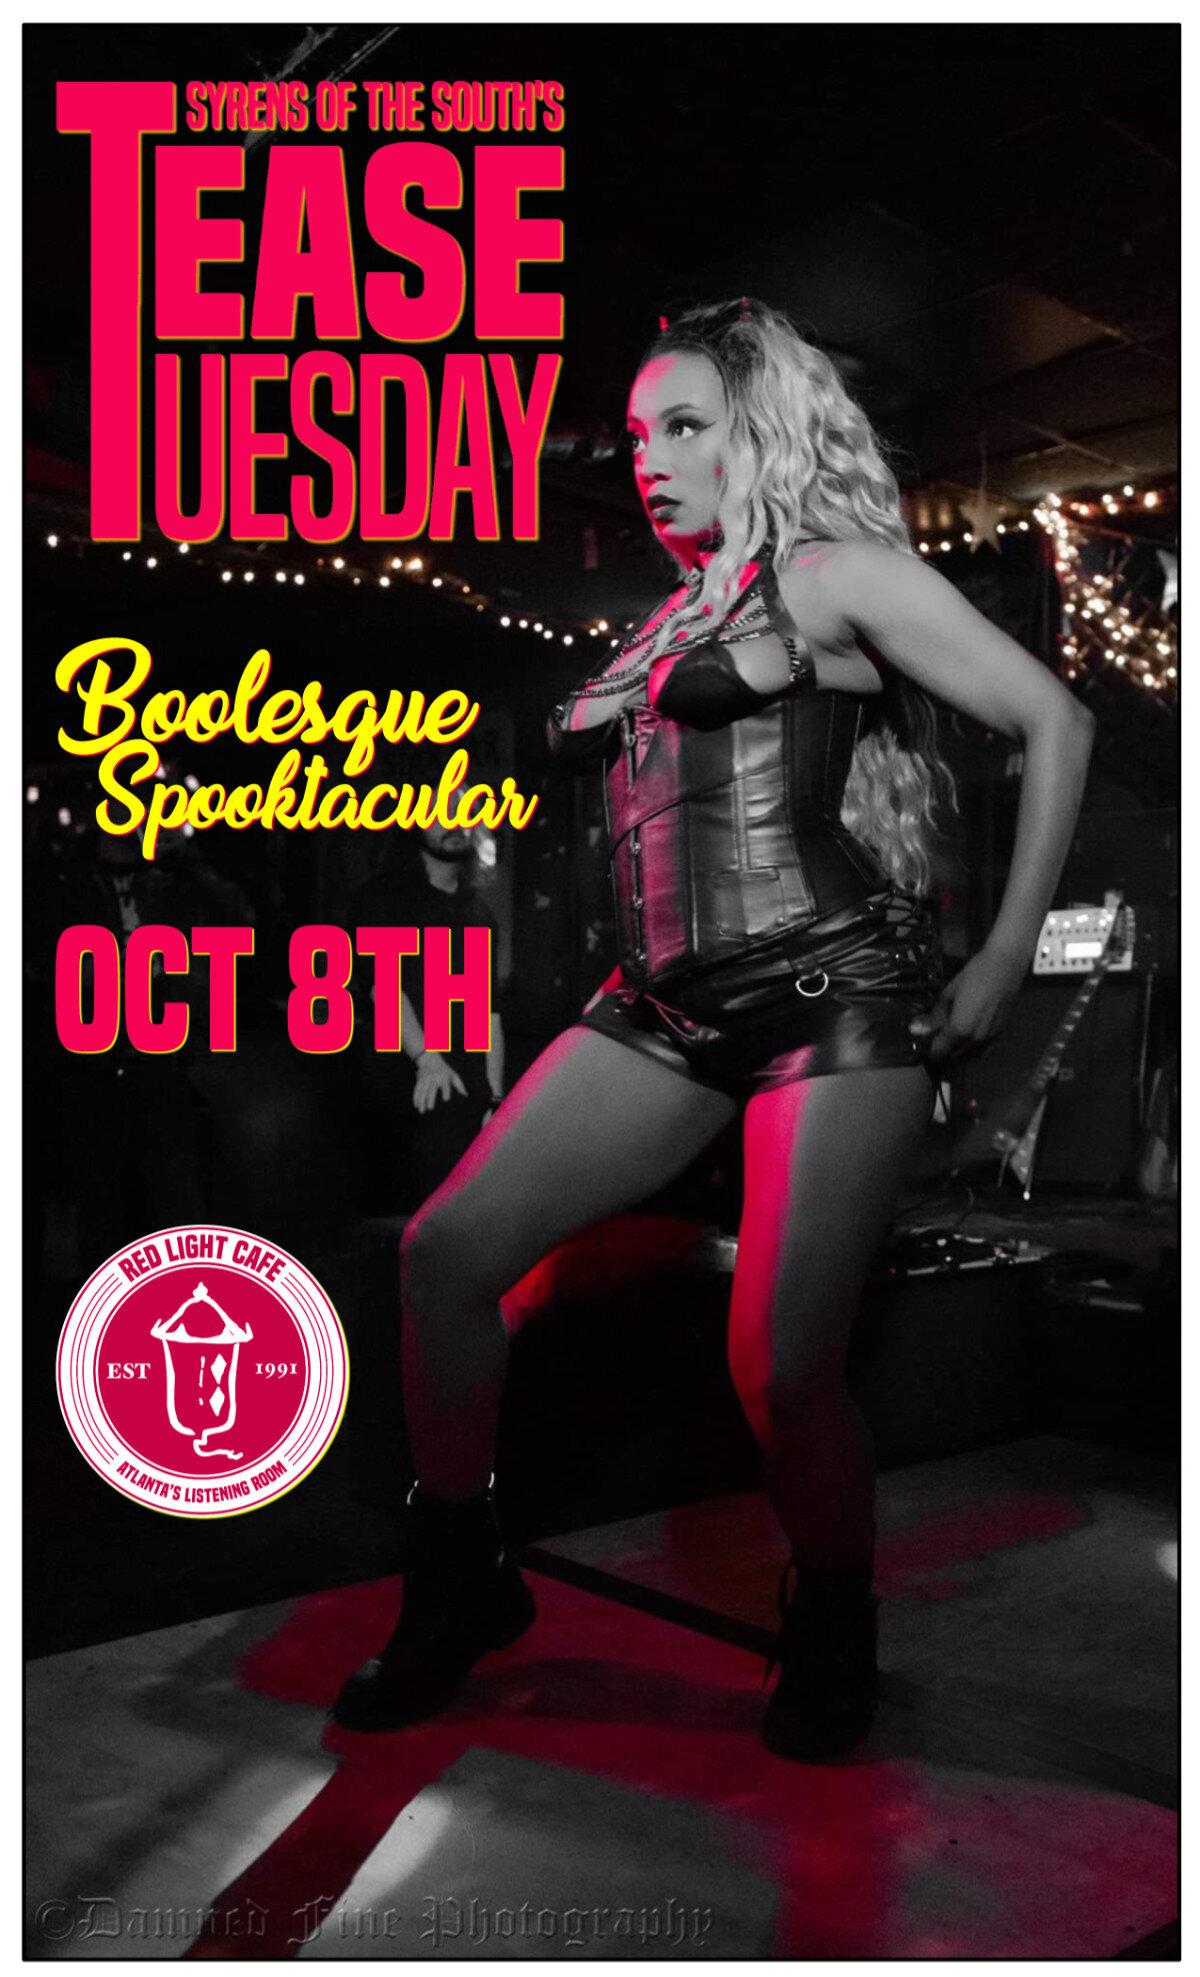 Tease Tuesday Burlesque Boolesque Spooktacular — October 8, 2019 — Red Light Café, Atlanta, GA